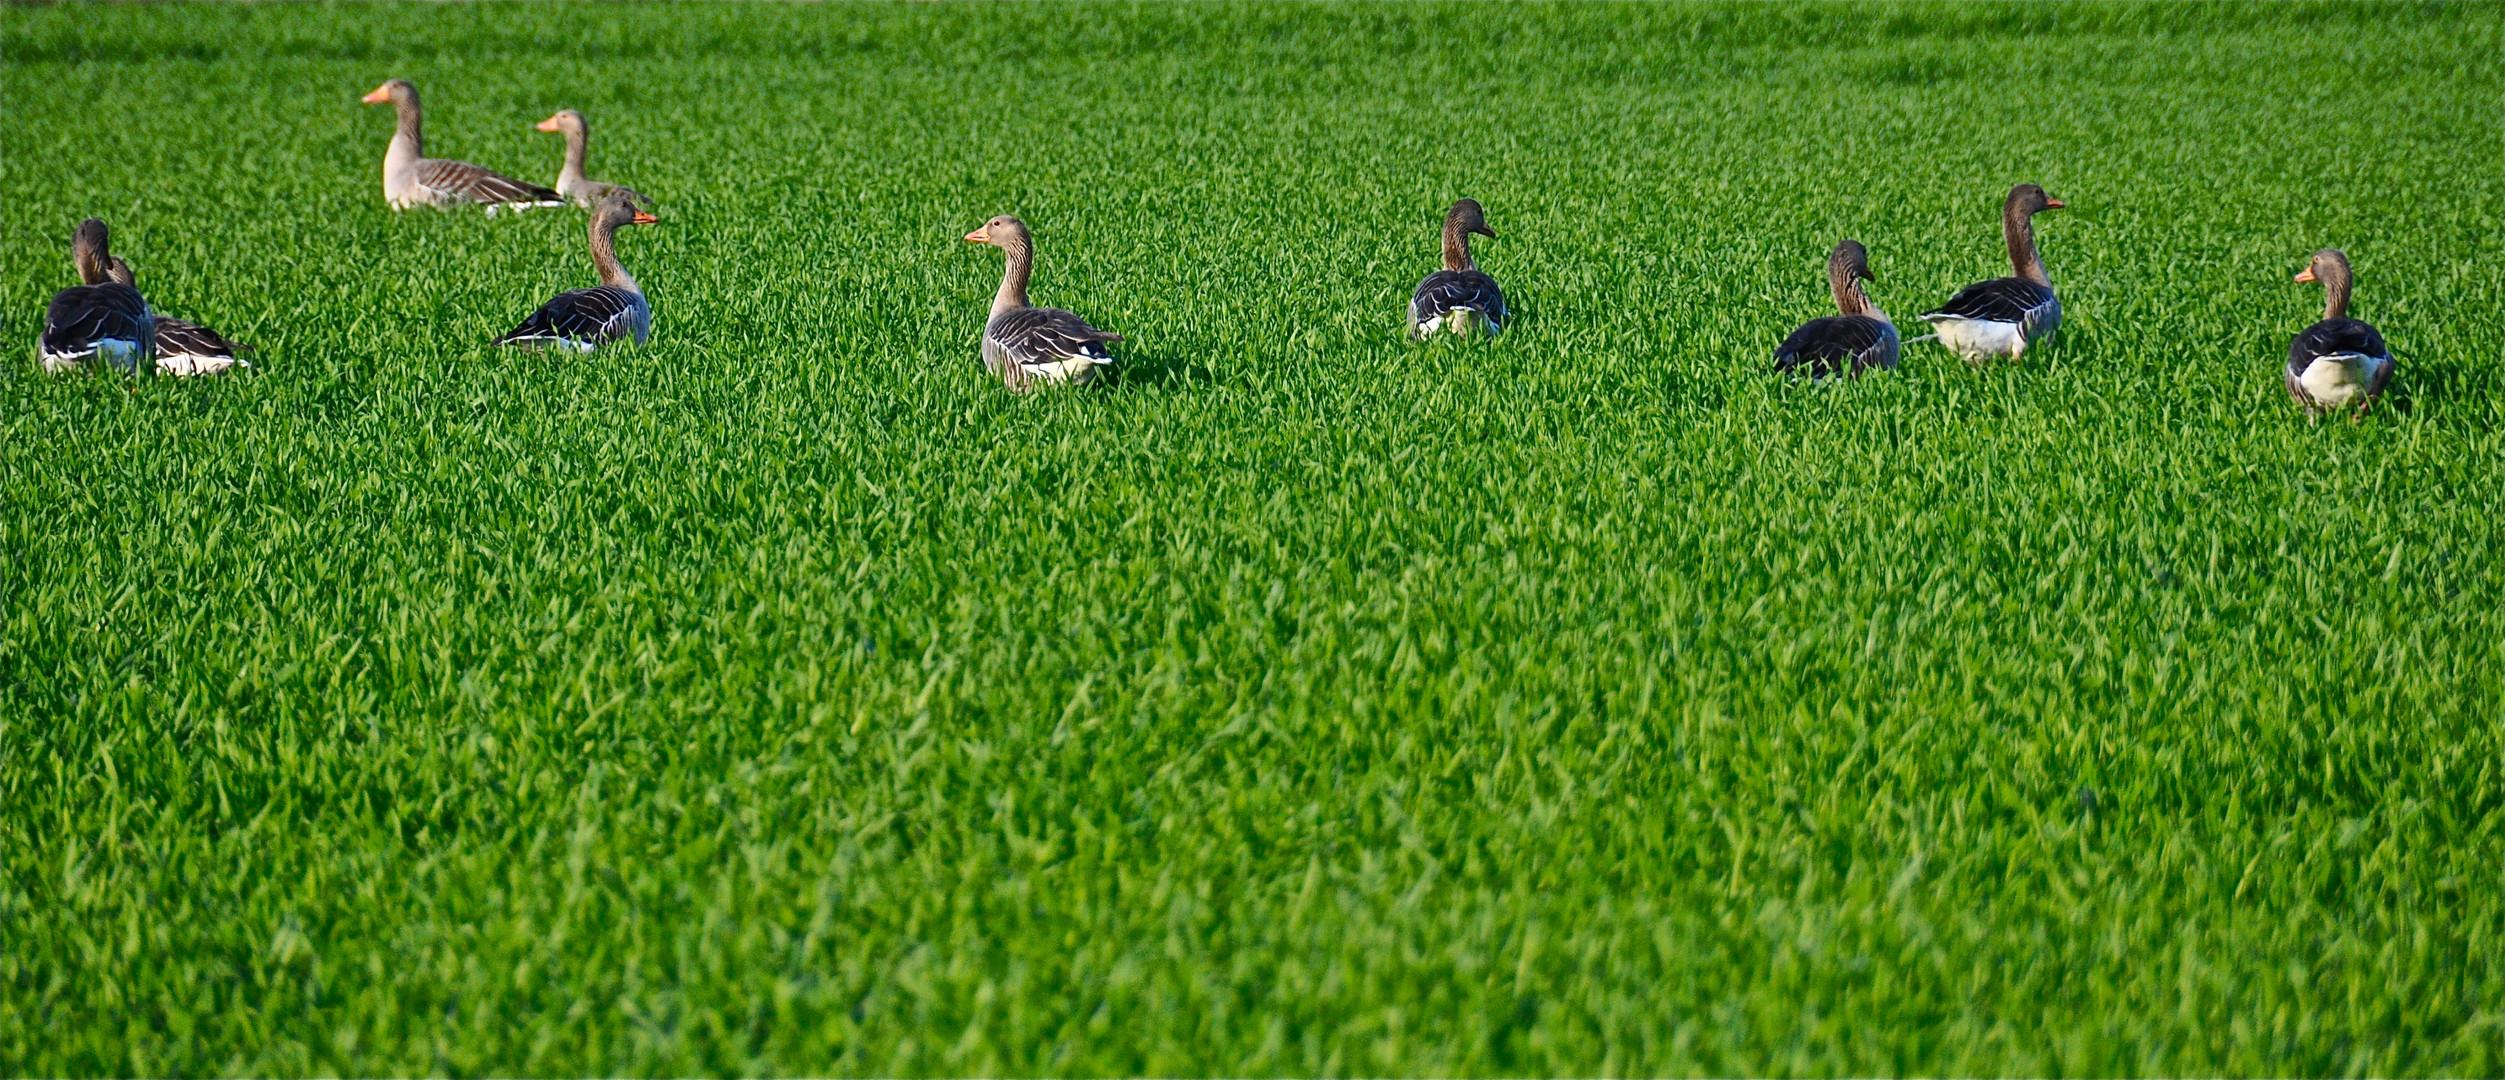 Gänse im Gras am Steinhorster Becken